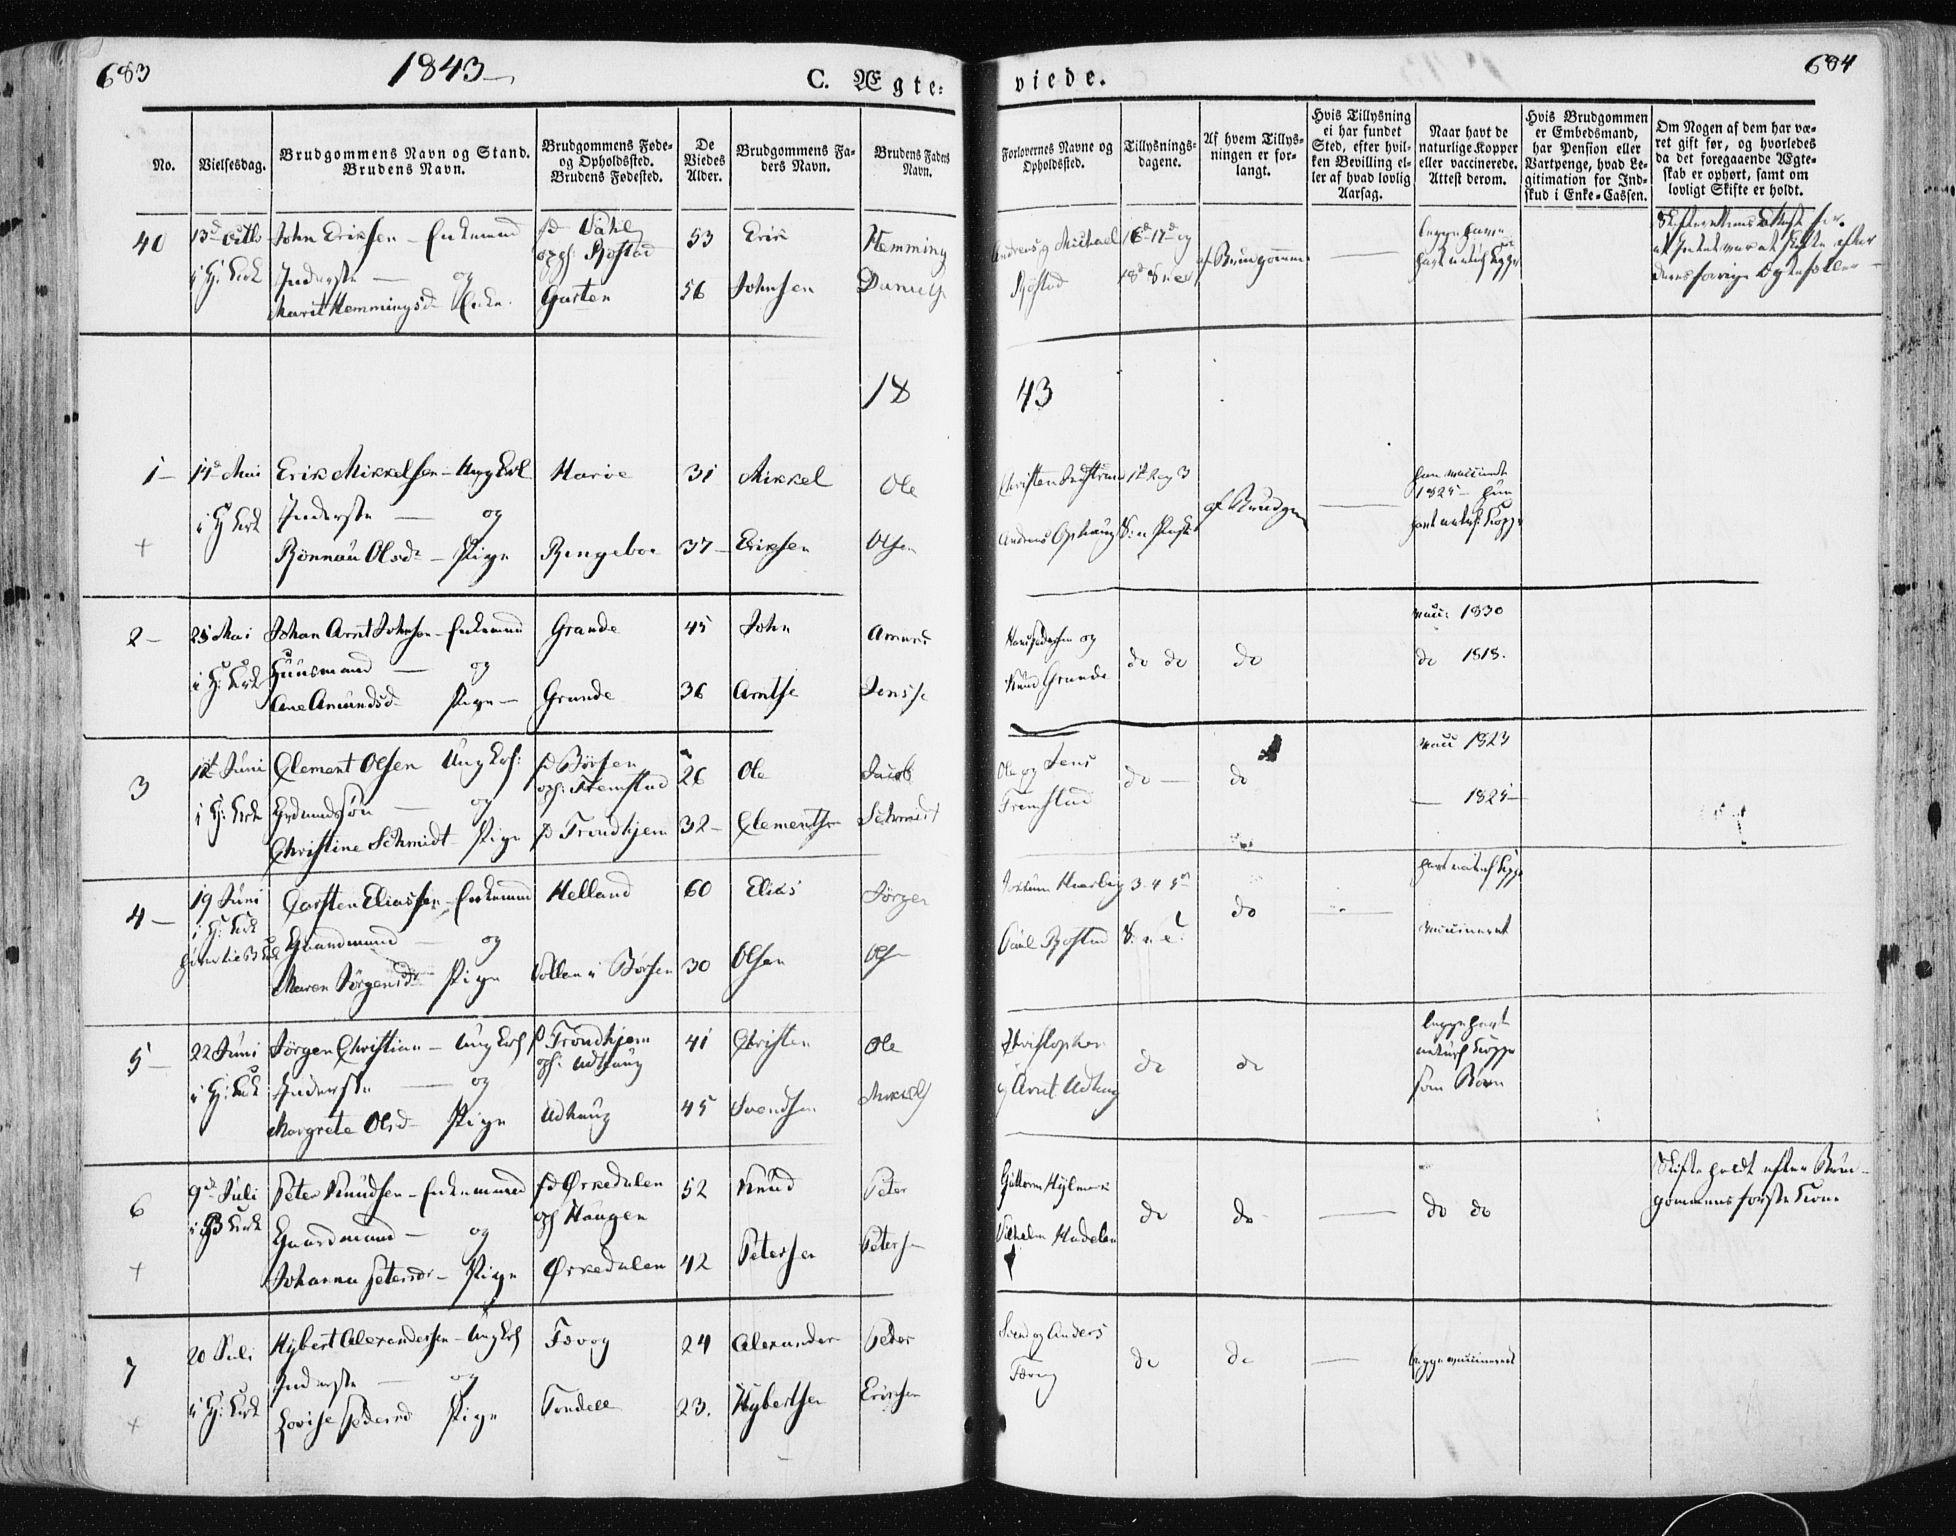 SAT, Ministerialprotokoller, klokkerbøker og fødselsregistre - Sør-Trøndelag, 659/L0736: Ministerialbok nr. 659A06, 1842-1856, s. 683-684